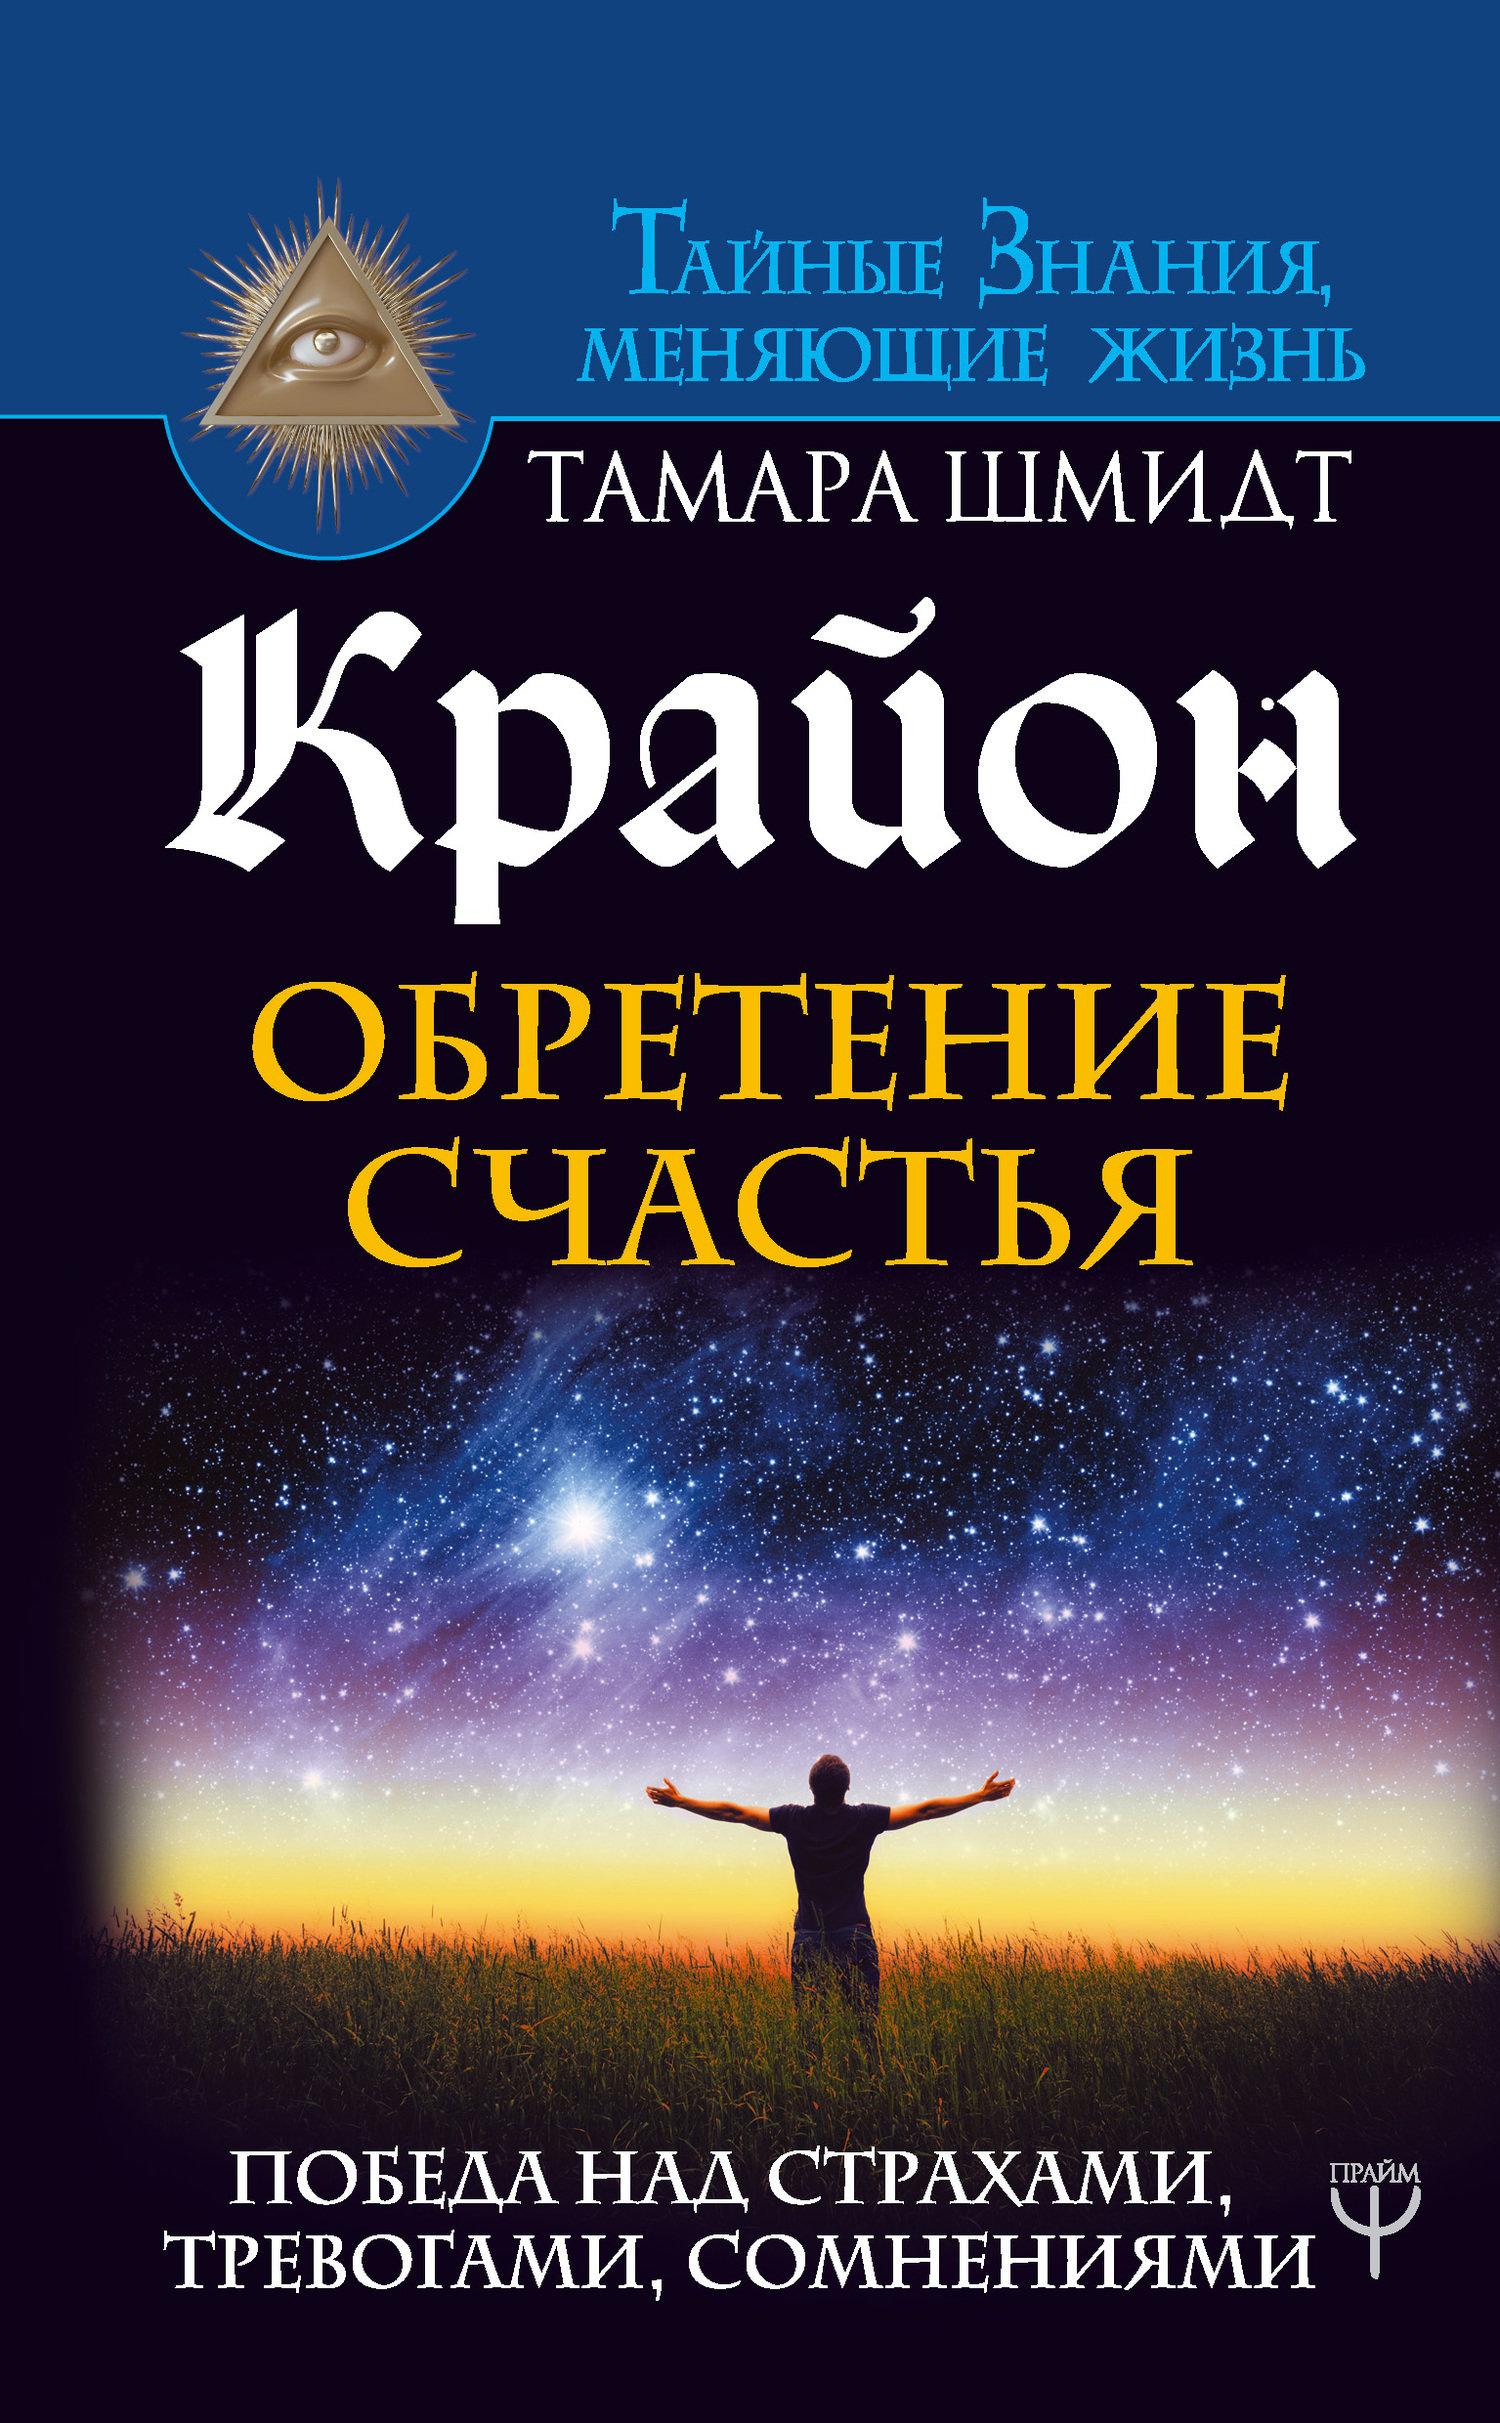 КРАЙОН ТАМАРА ШМИДТ СКАЧАТЬ БЕСПЛАТНО